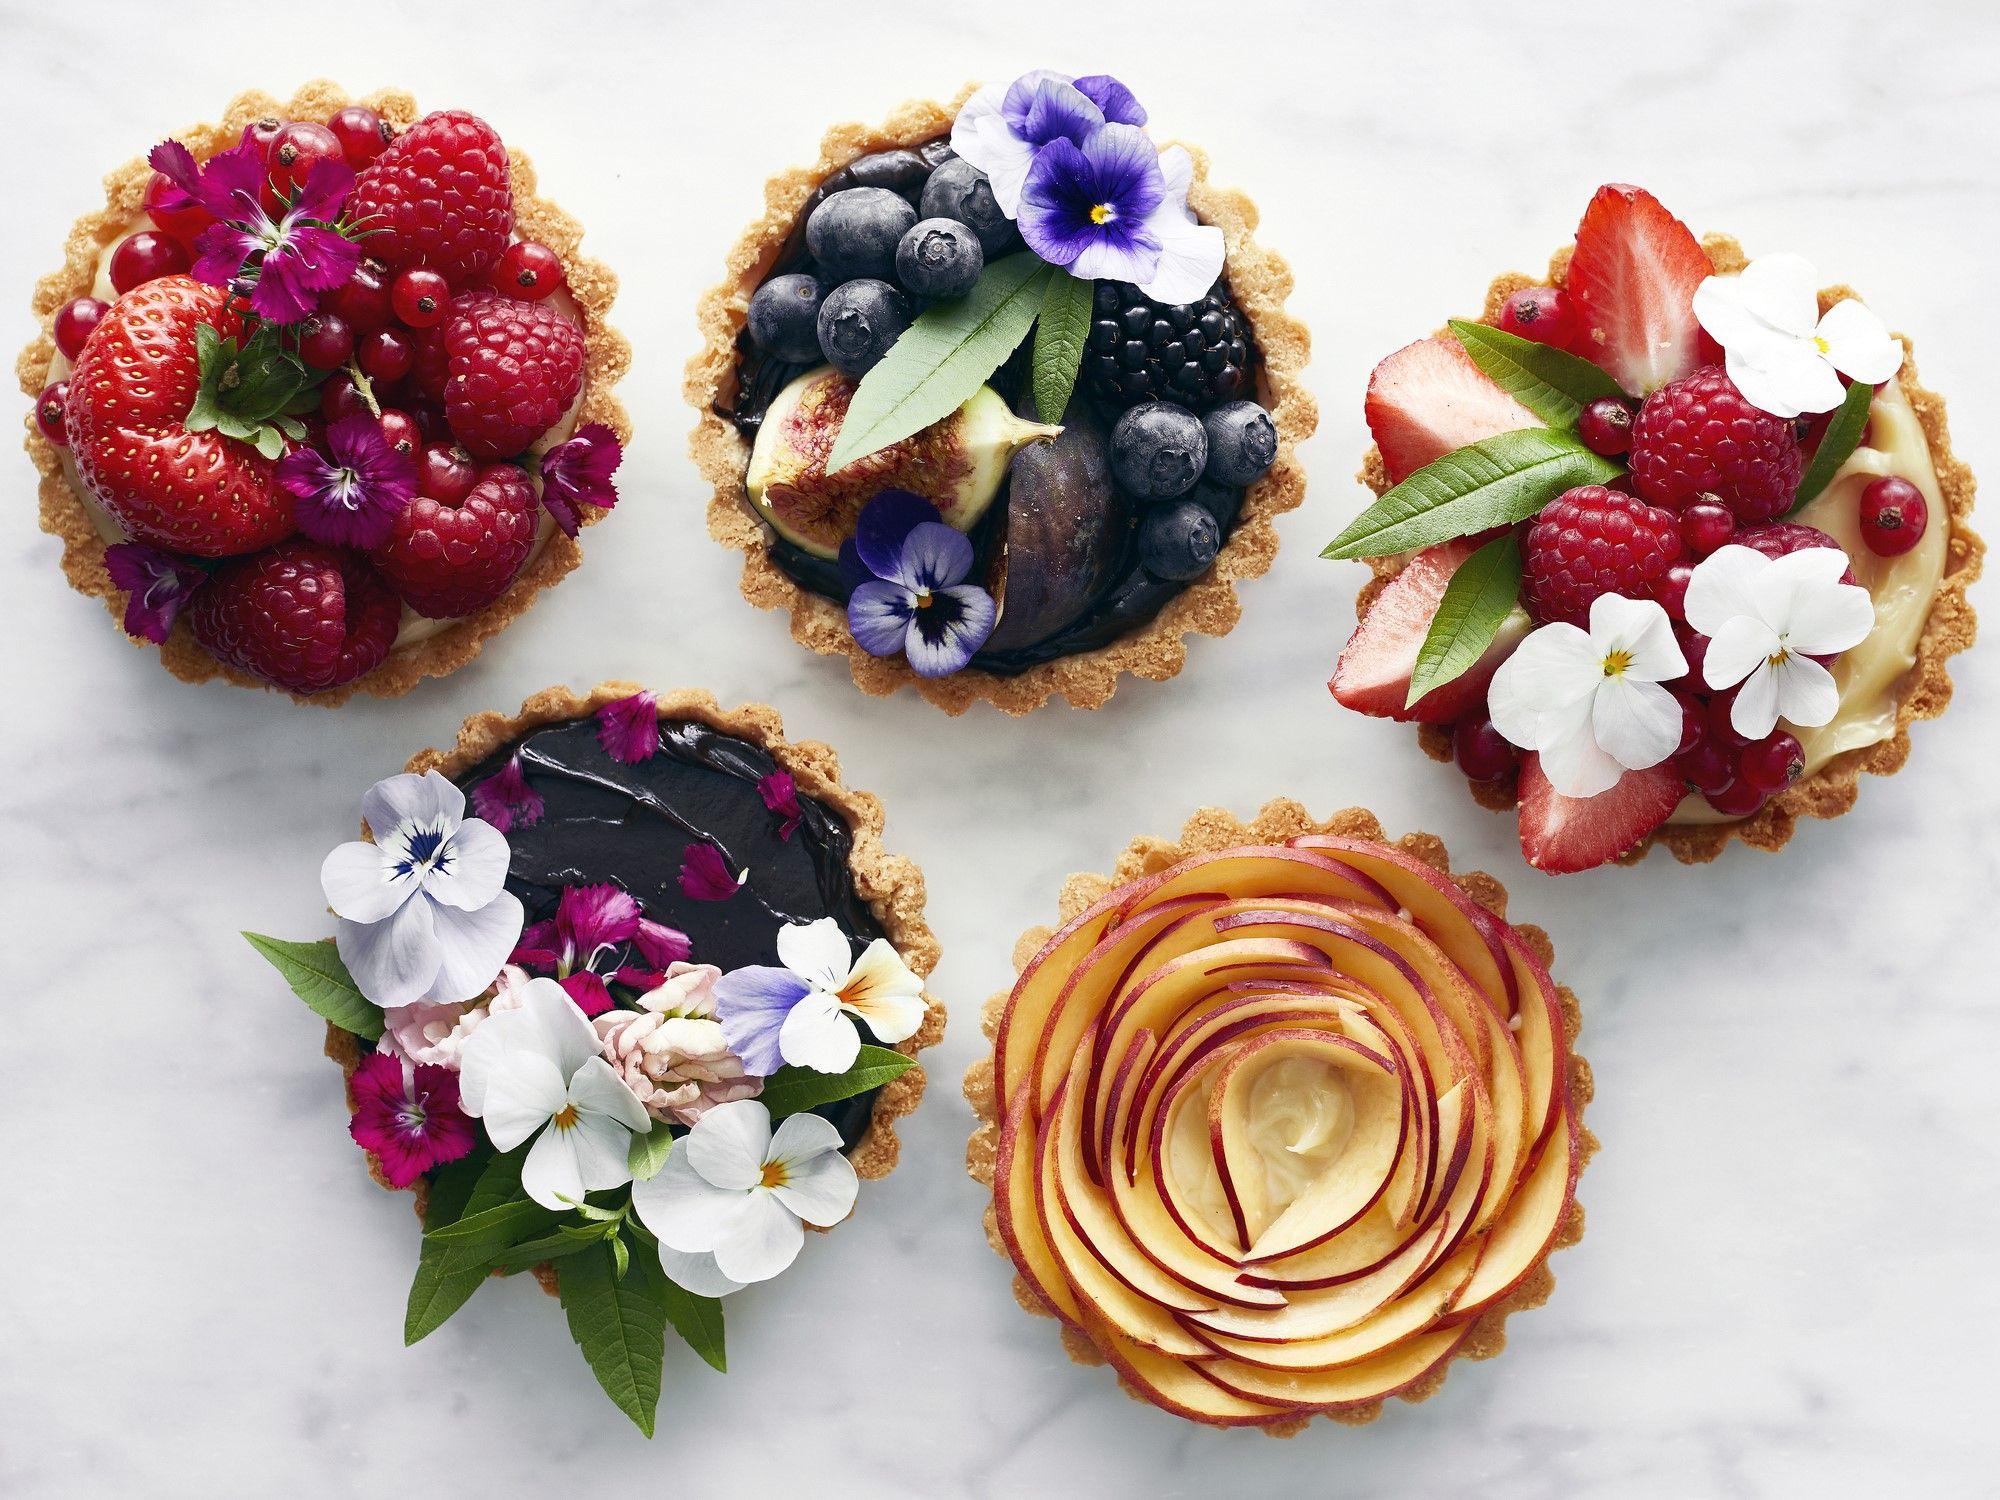 La crostata di frutta è quella ricetta perfetta, perché dolce e fresca: ma come si fa egregiamente?